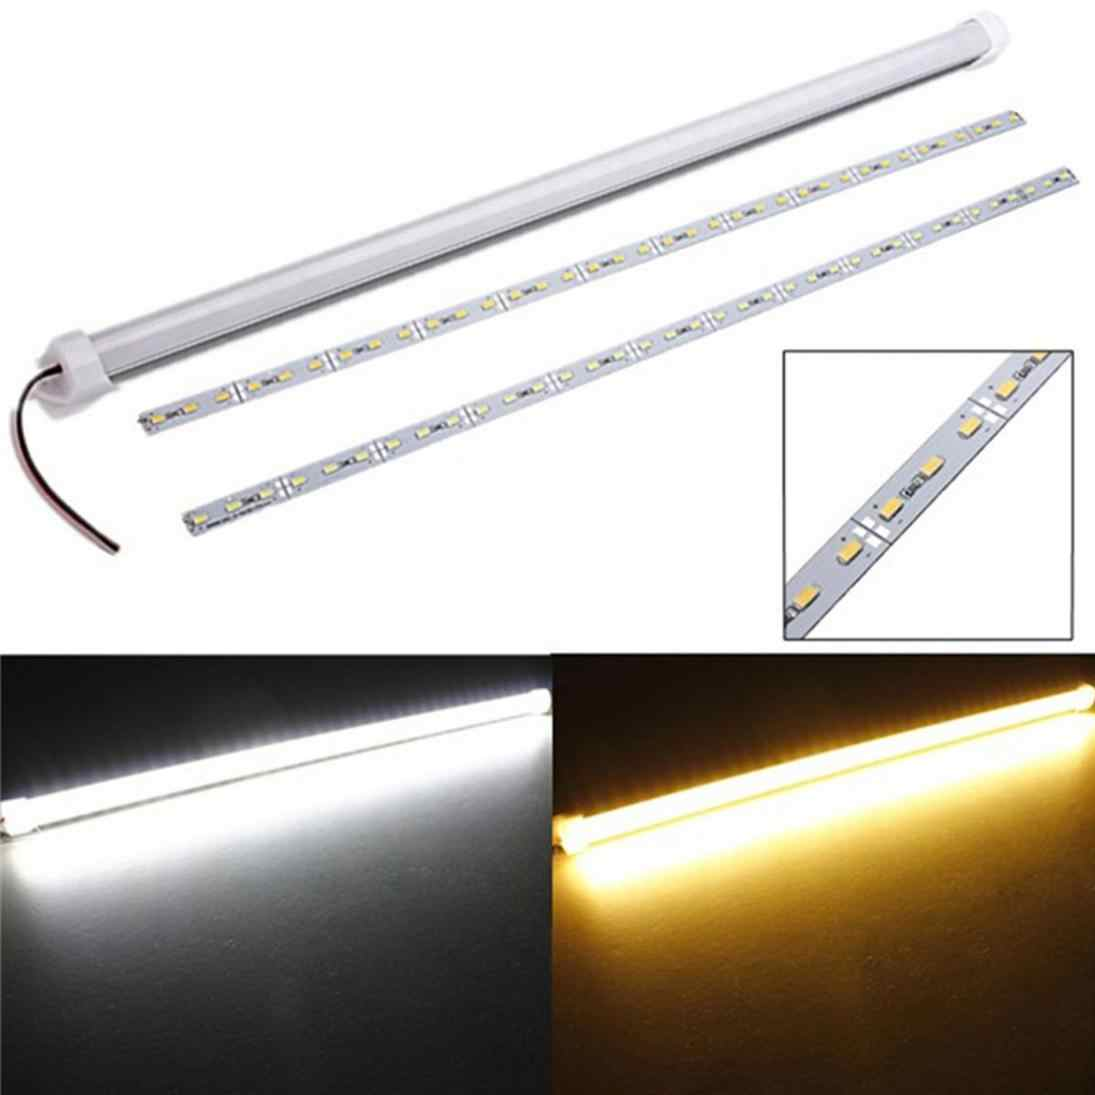 Hohe Qualität Wasserdicht 50cm DC 12V 11W 5630 SMD 36 LED Starren Streifen Schrank Licht mit Abdeckung und Kunststoff Montieren